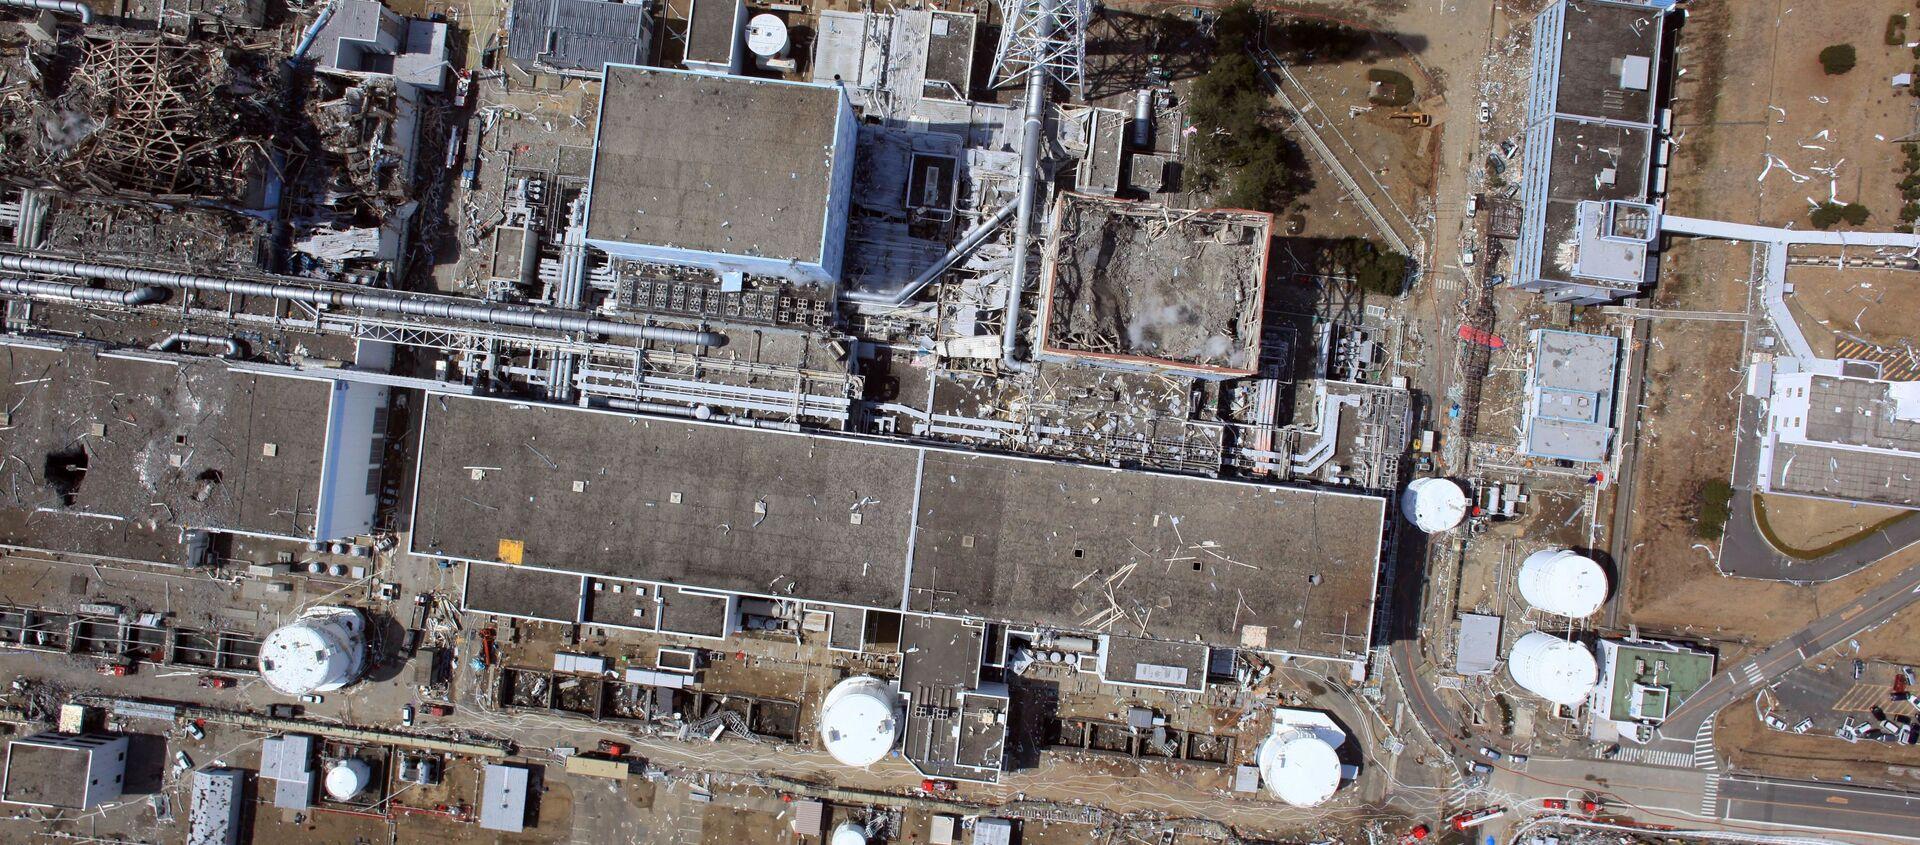 Вид сверху на разрушенную АЭС Фукусима-1 - Sputnik 日本, 1920, 08.03.2021